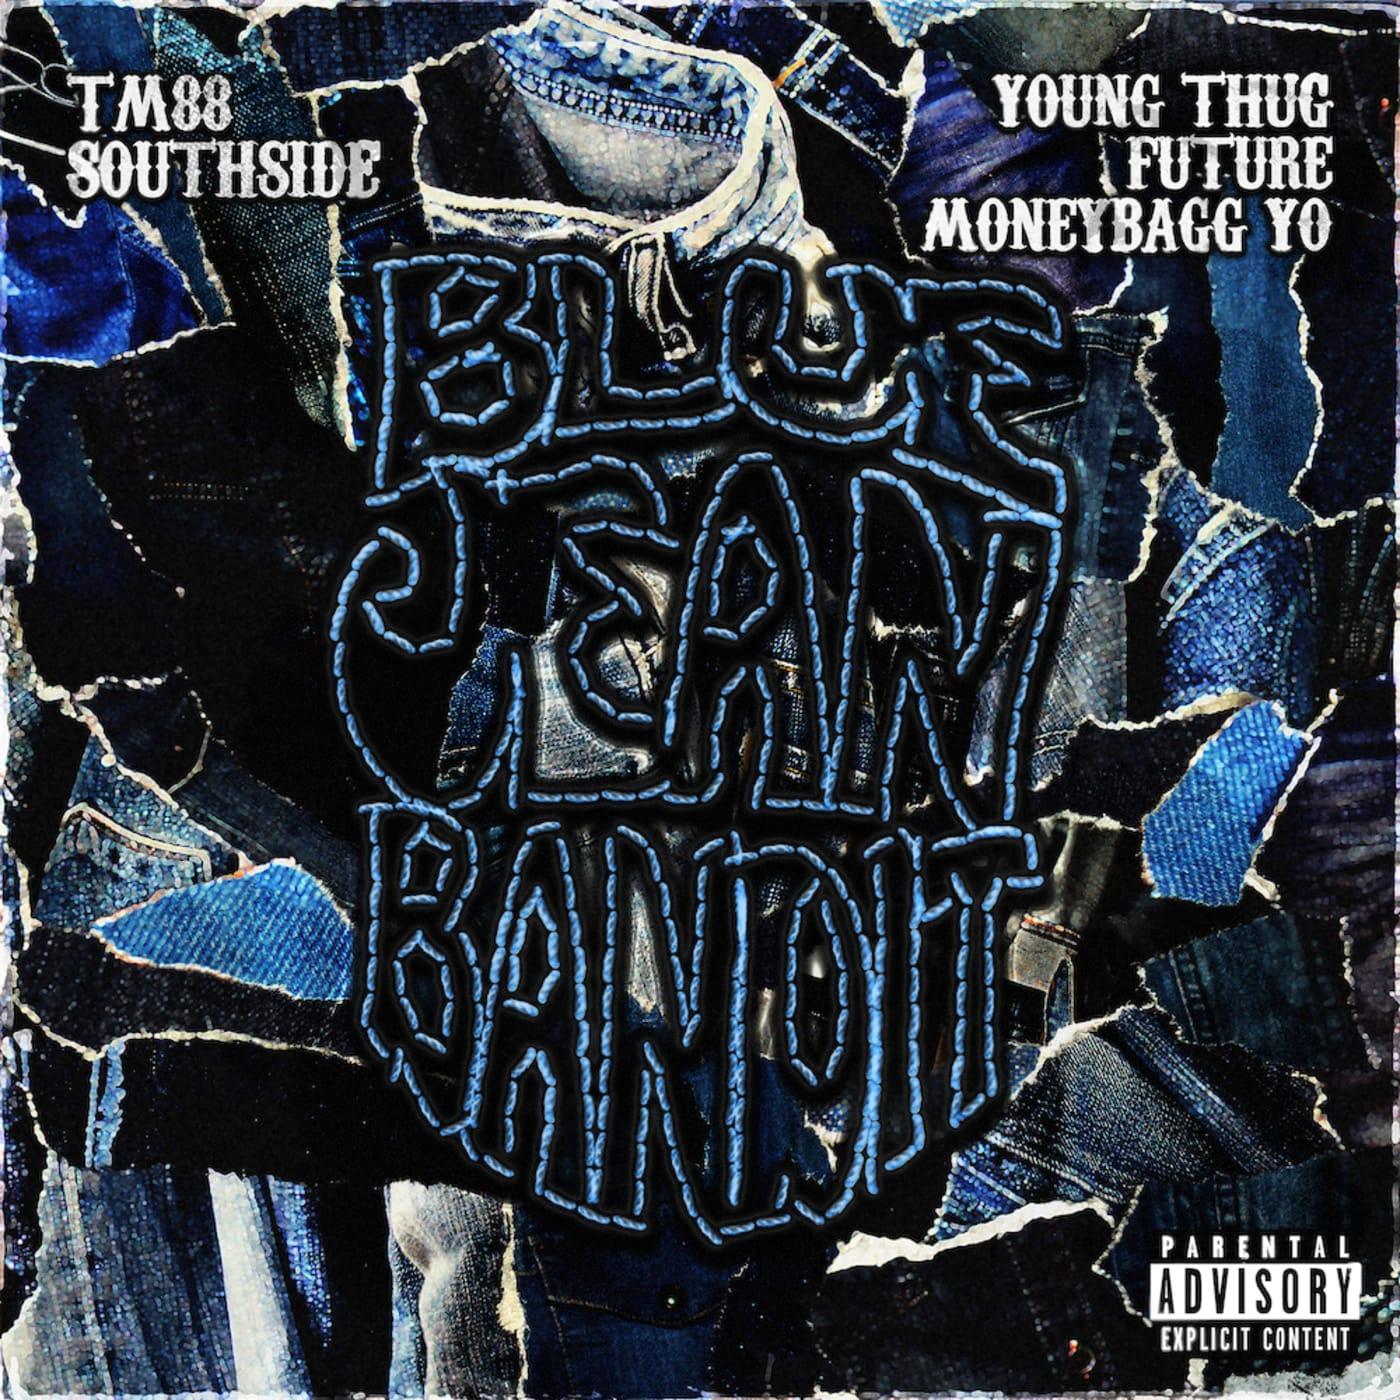 """TM88 x Southside x Moneybagg Yo x Young Thug x Future """"Blue Jean Bandit"""""""